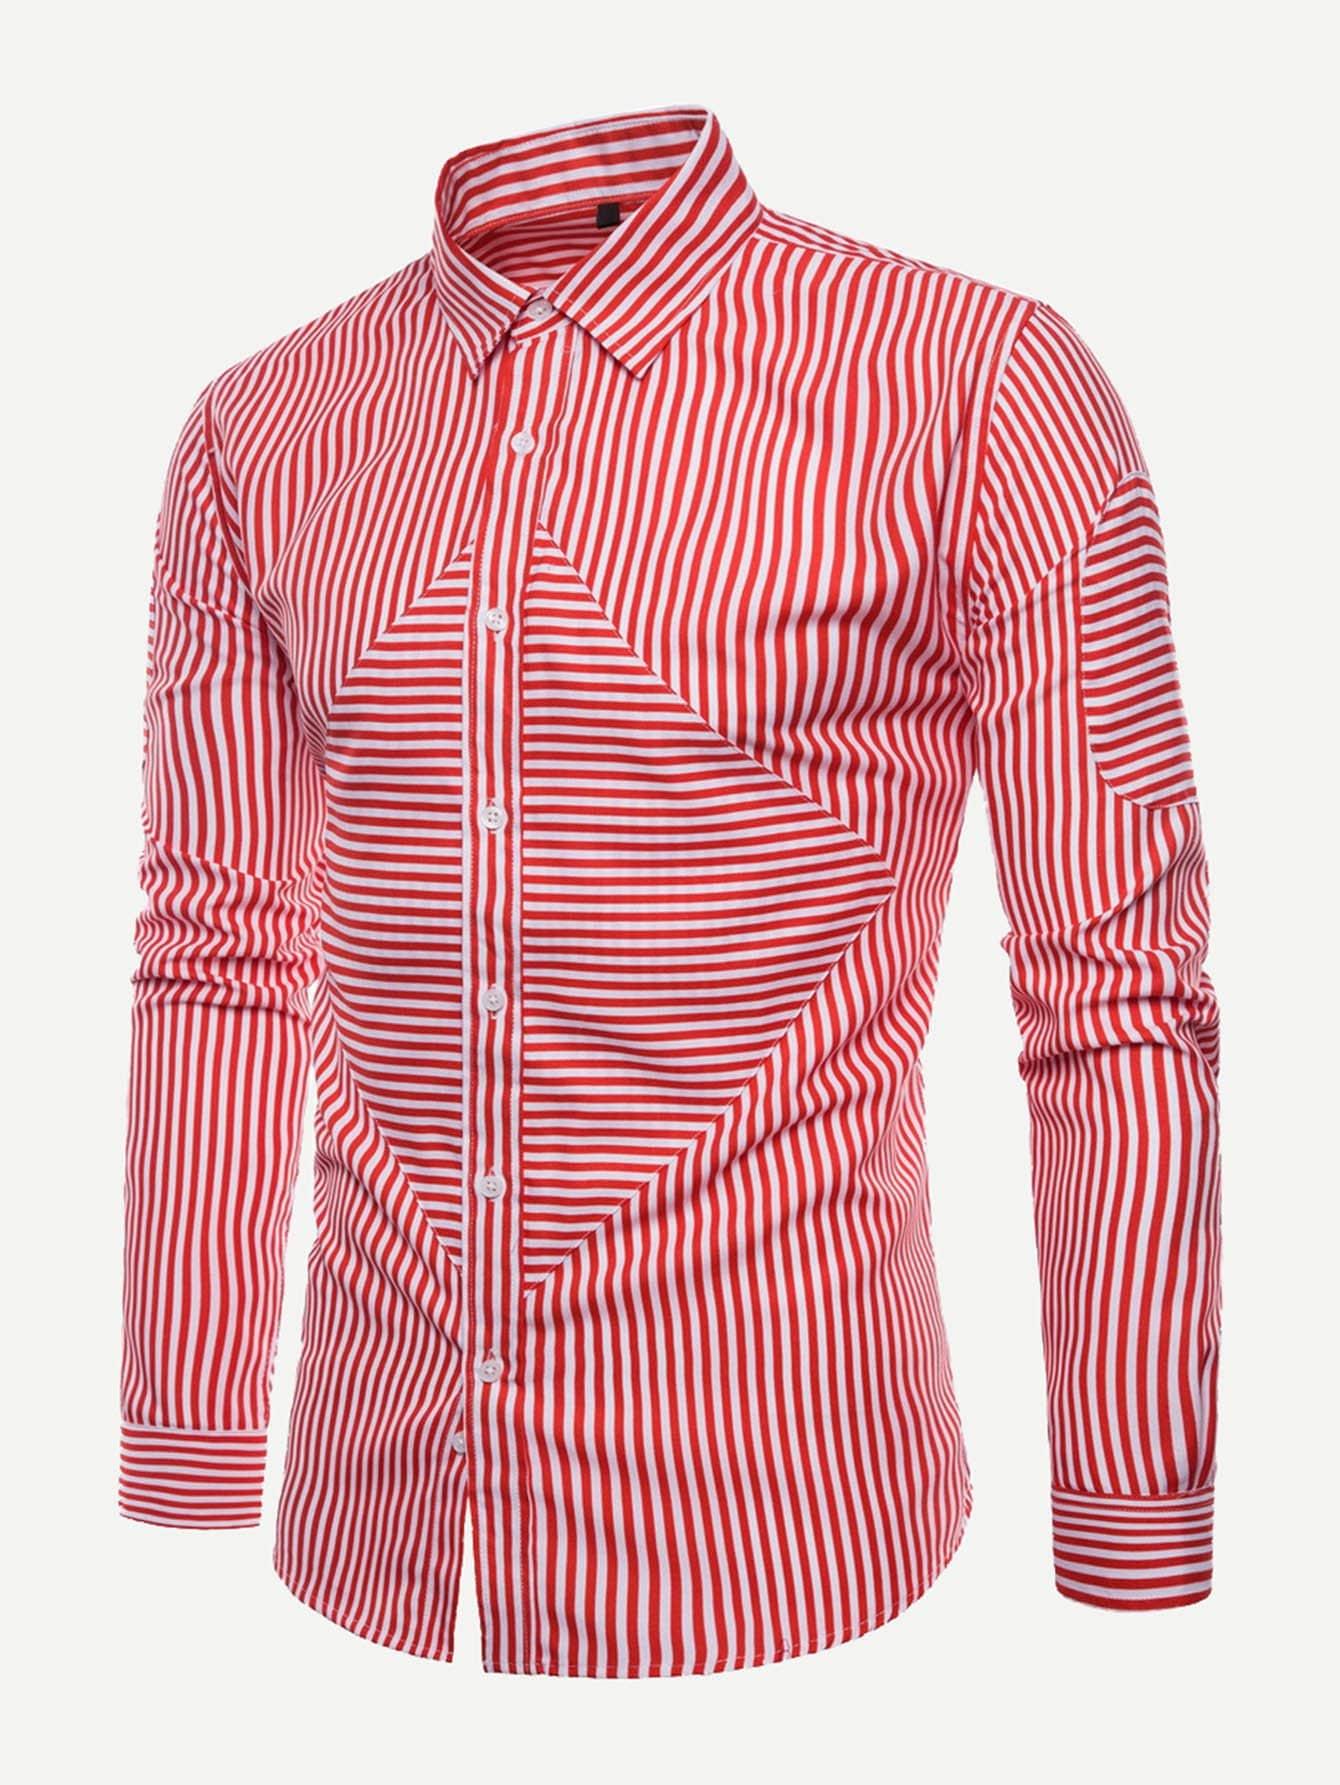 Купить Мужская футболка с контрастными полосами, null, SheIn